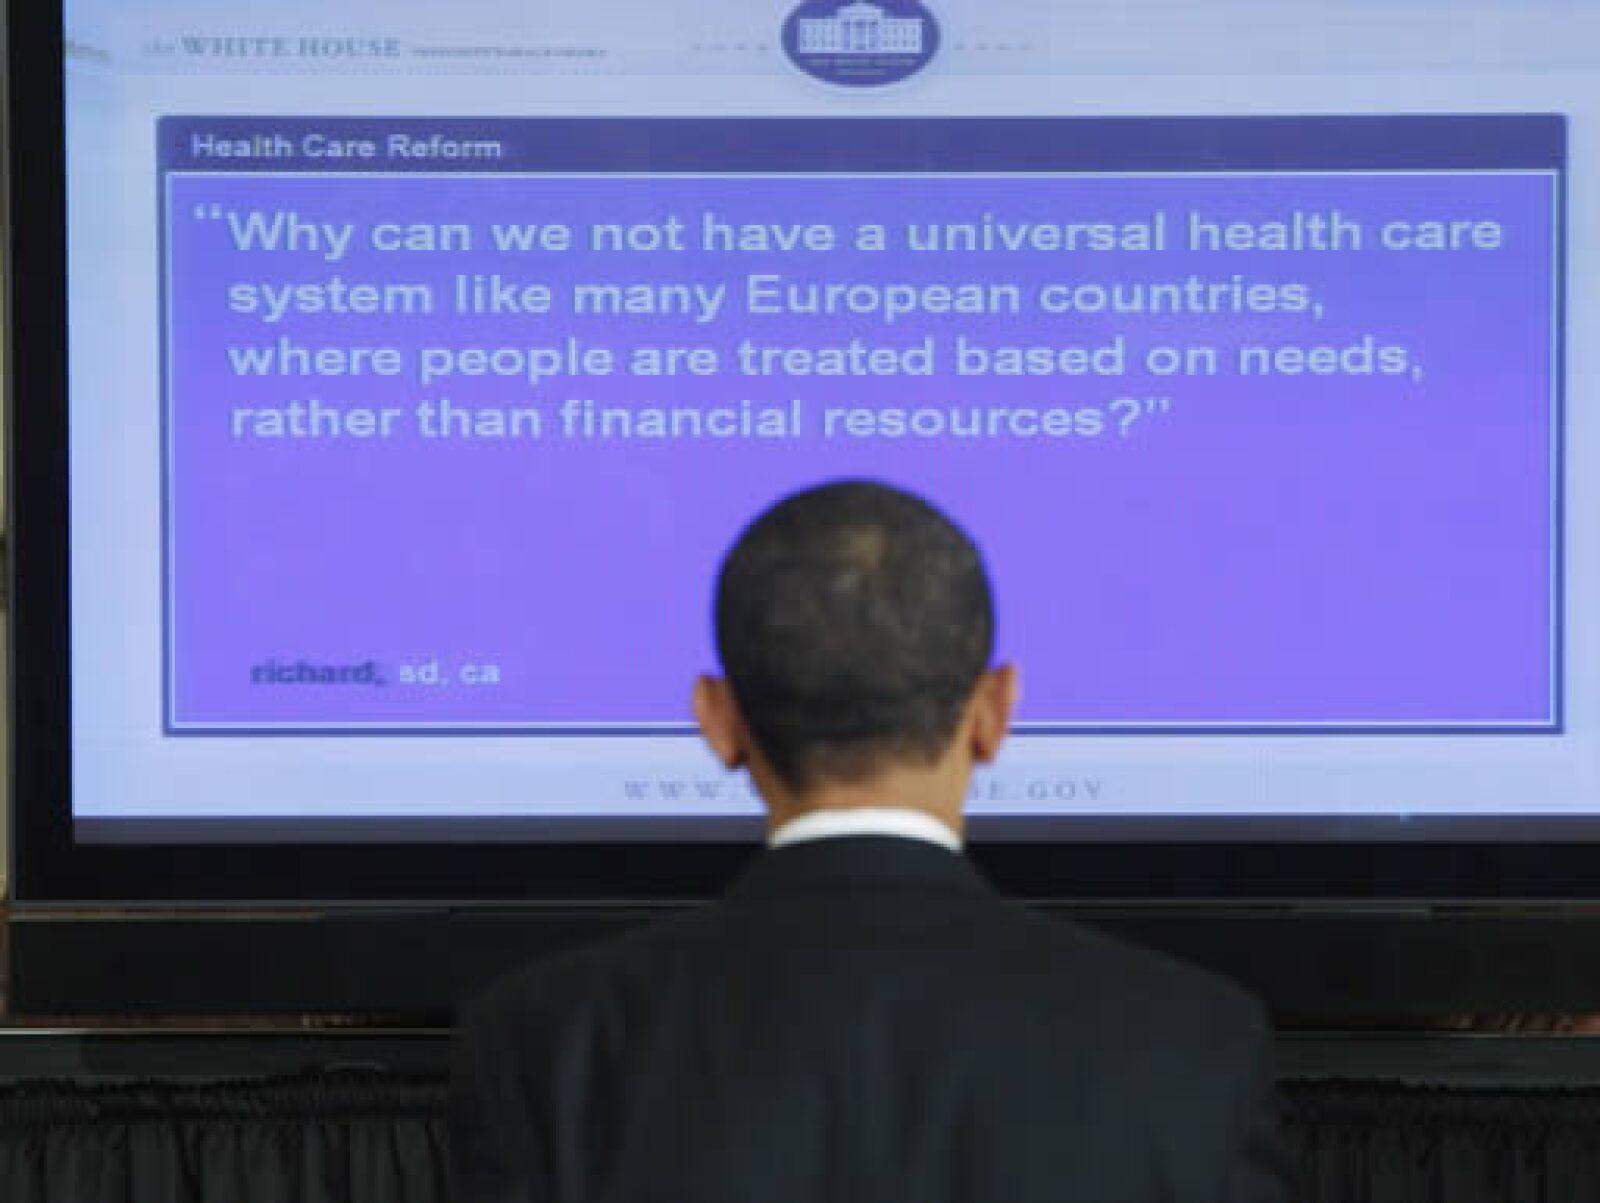 El presidente participó en un foro en el sitio web de la Casa Blanca.